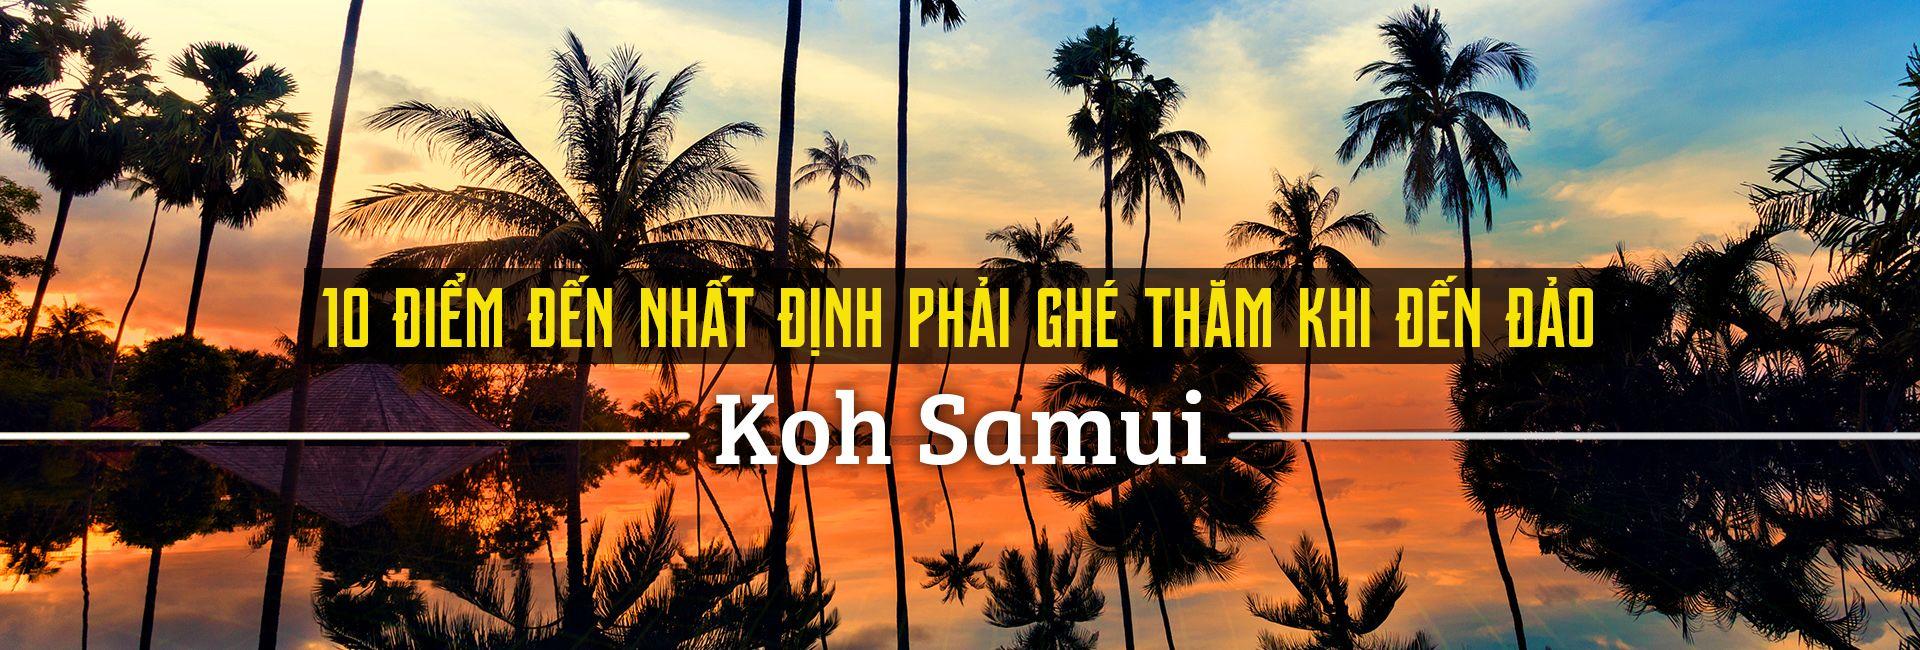 Top 10 địa điểm du lịch hấp dẫn nhất Koh Samui, Thái Lan